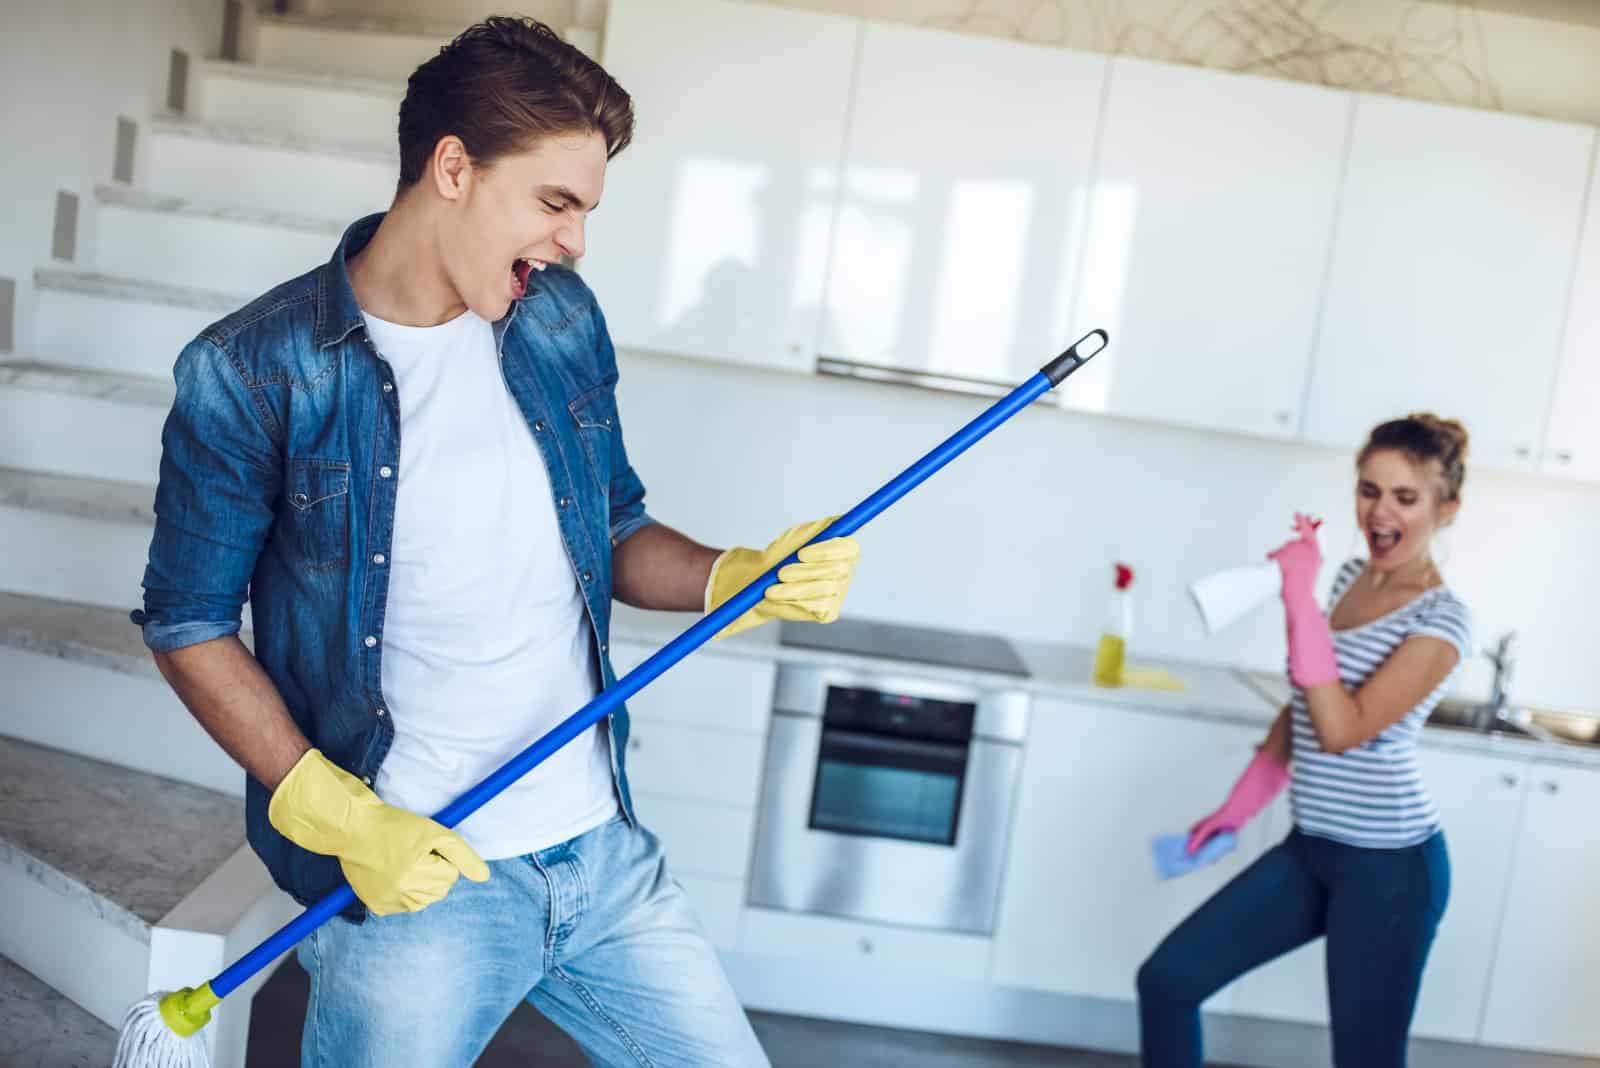 Zwei junge Leute haben Spaß beim Putzen des Hauses